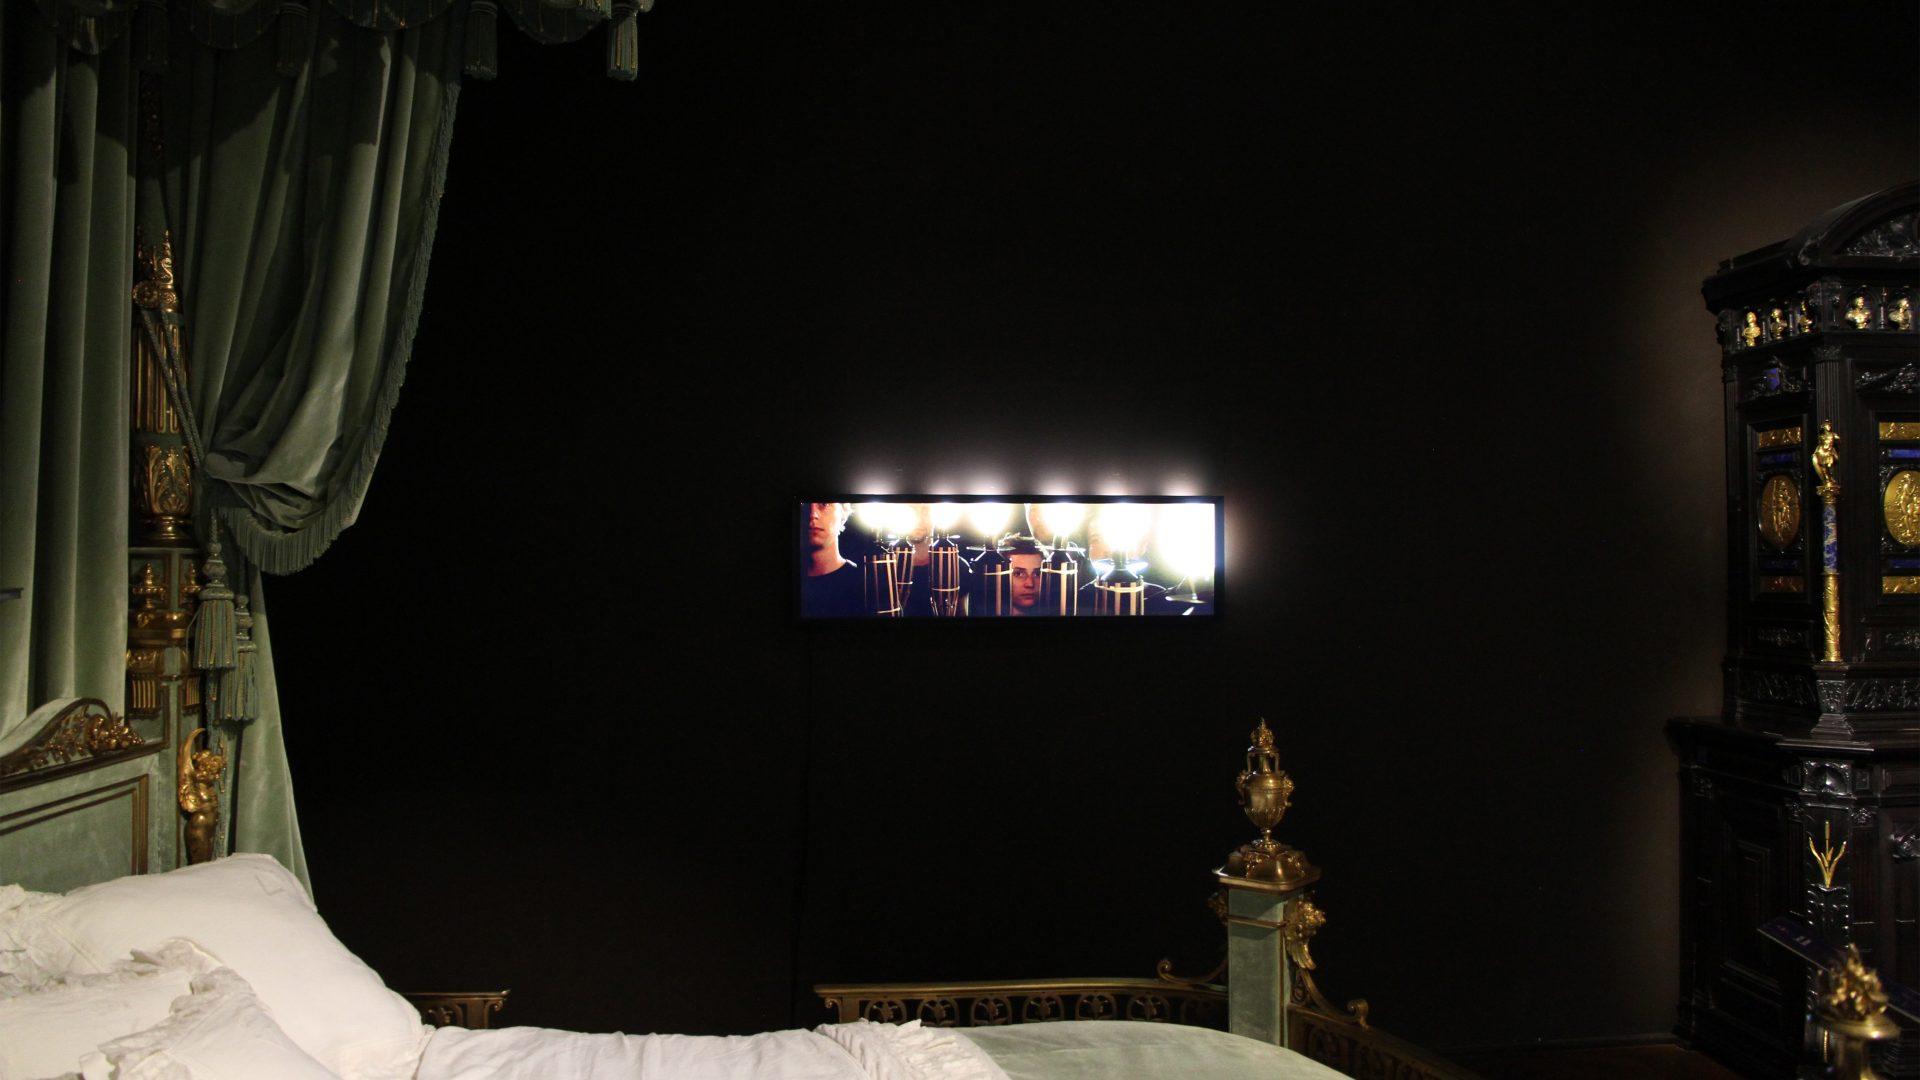 L'image éclaire - Écran Flambeaux - Musée des Arts décoratifs de Paris, 2016 / credits photo : RF Studio